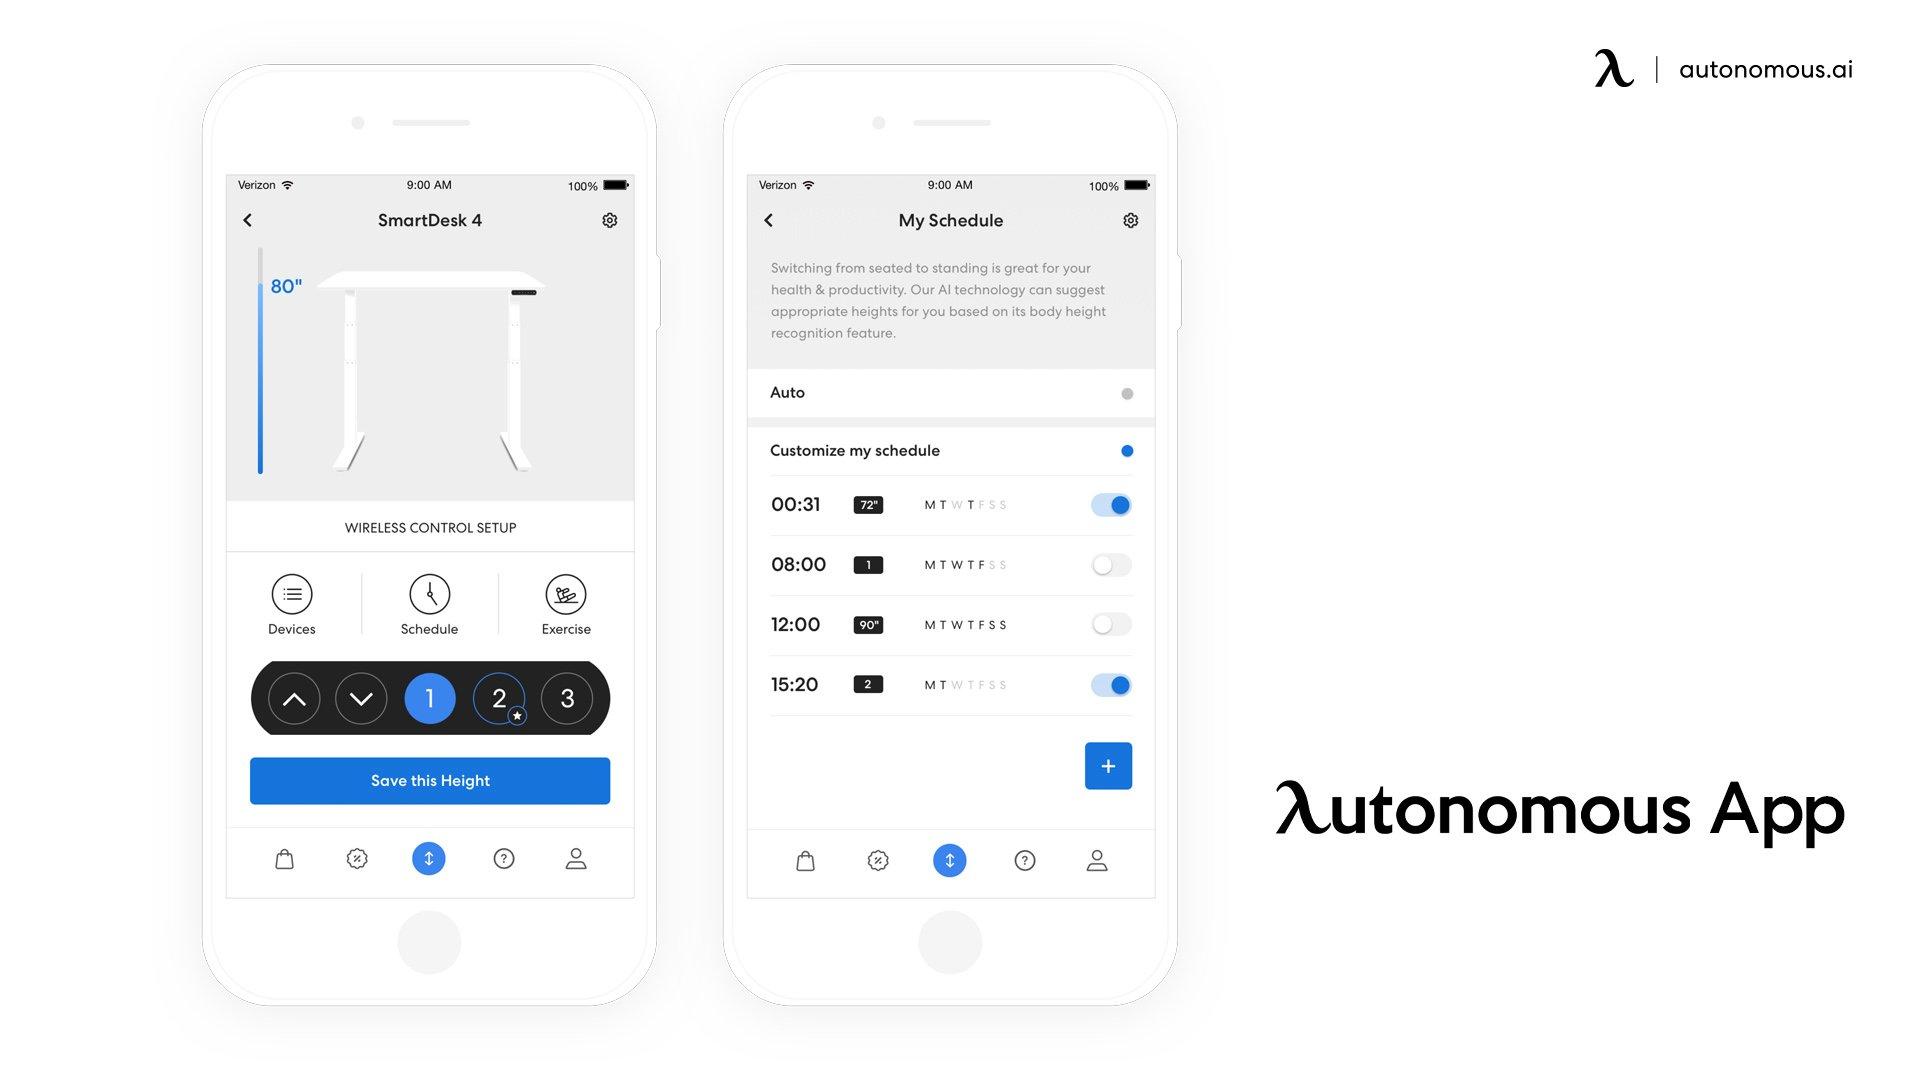 Autonomous App